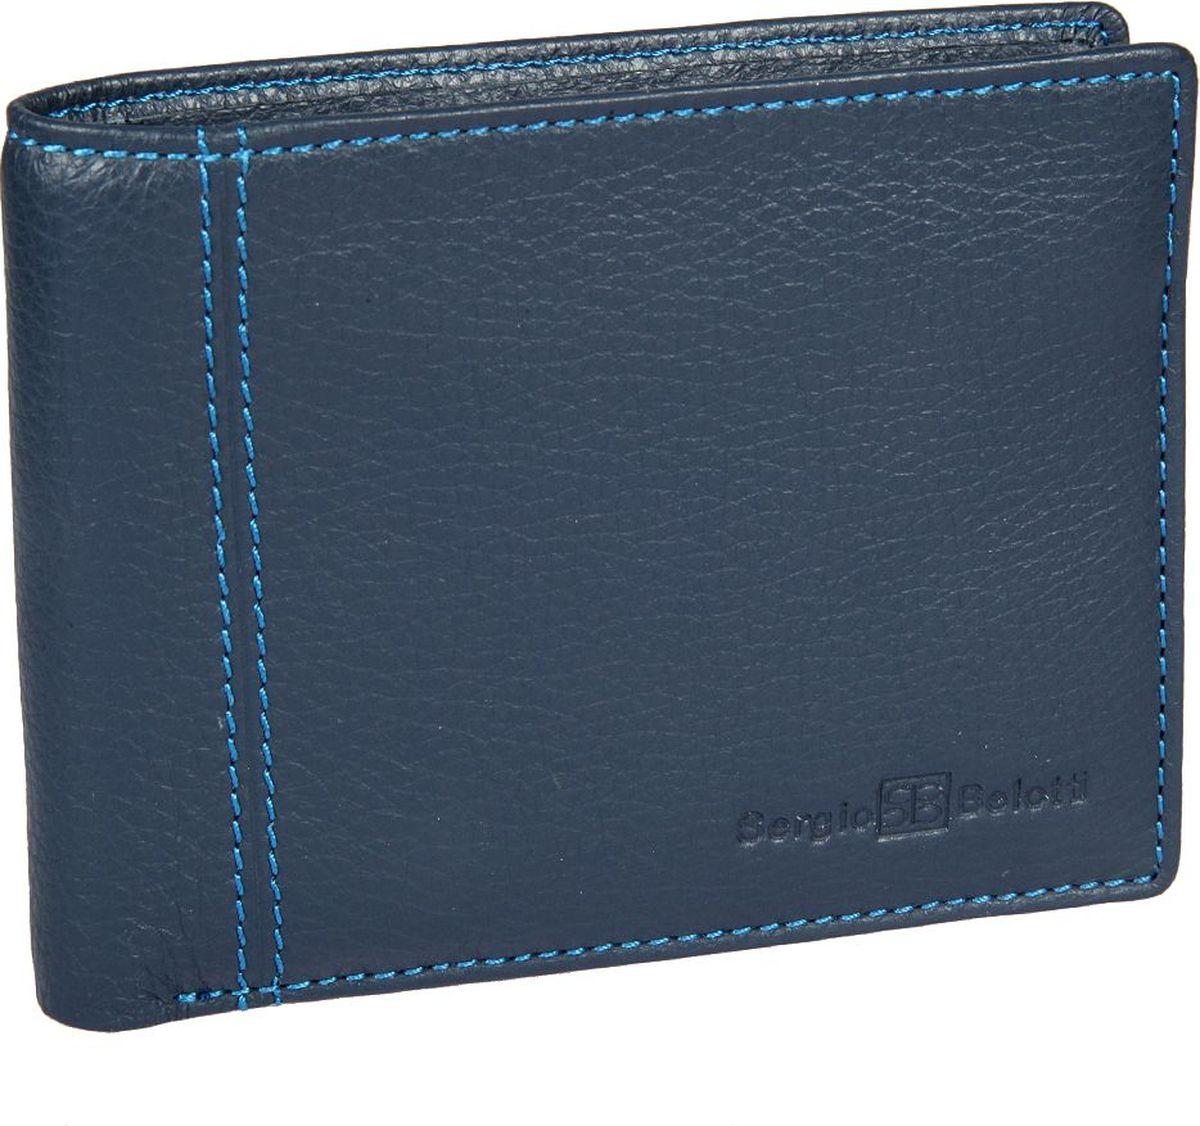 Портмоне мужское Sergio Belotti, цвет: синий. 2766INT-06501Мужское портмоне Sergio Belotti выполнено из натуральной кожи. Модель раскладывается пополам, внутри два отделения для купюр, три потайных кармана, семь кармашков для пластиковых карт, оснащен съемным вкладышем, на котором пять кармашков для пластиковых карт, два из них в сетку.